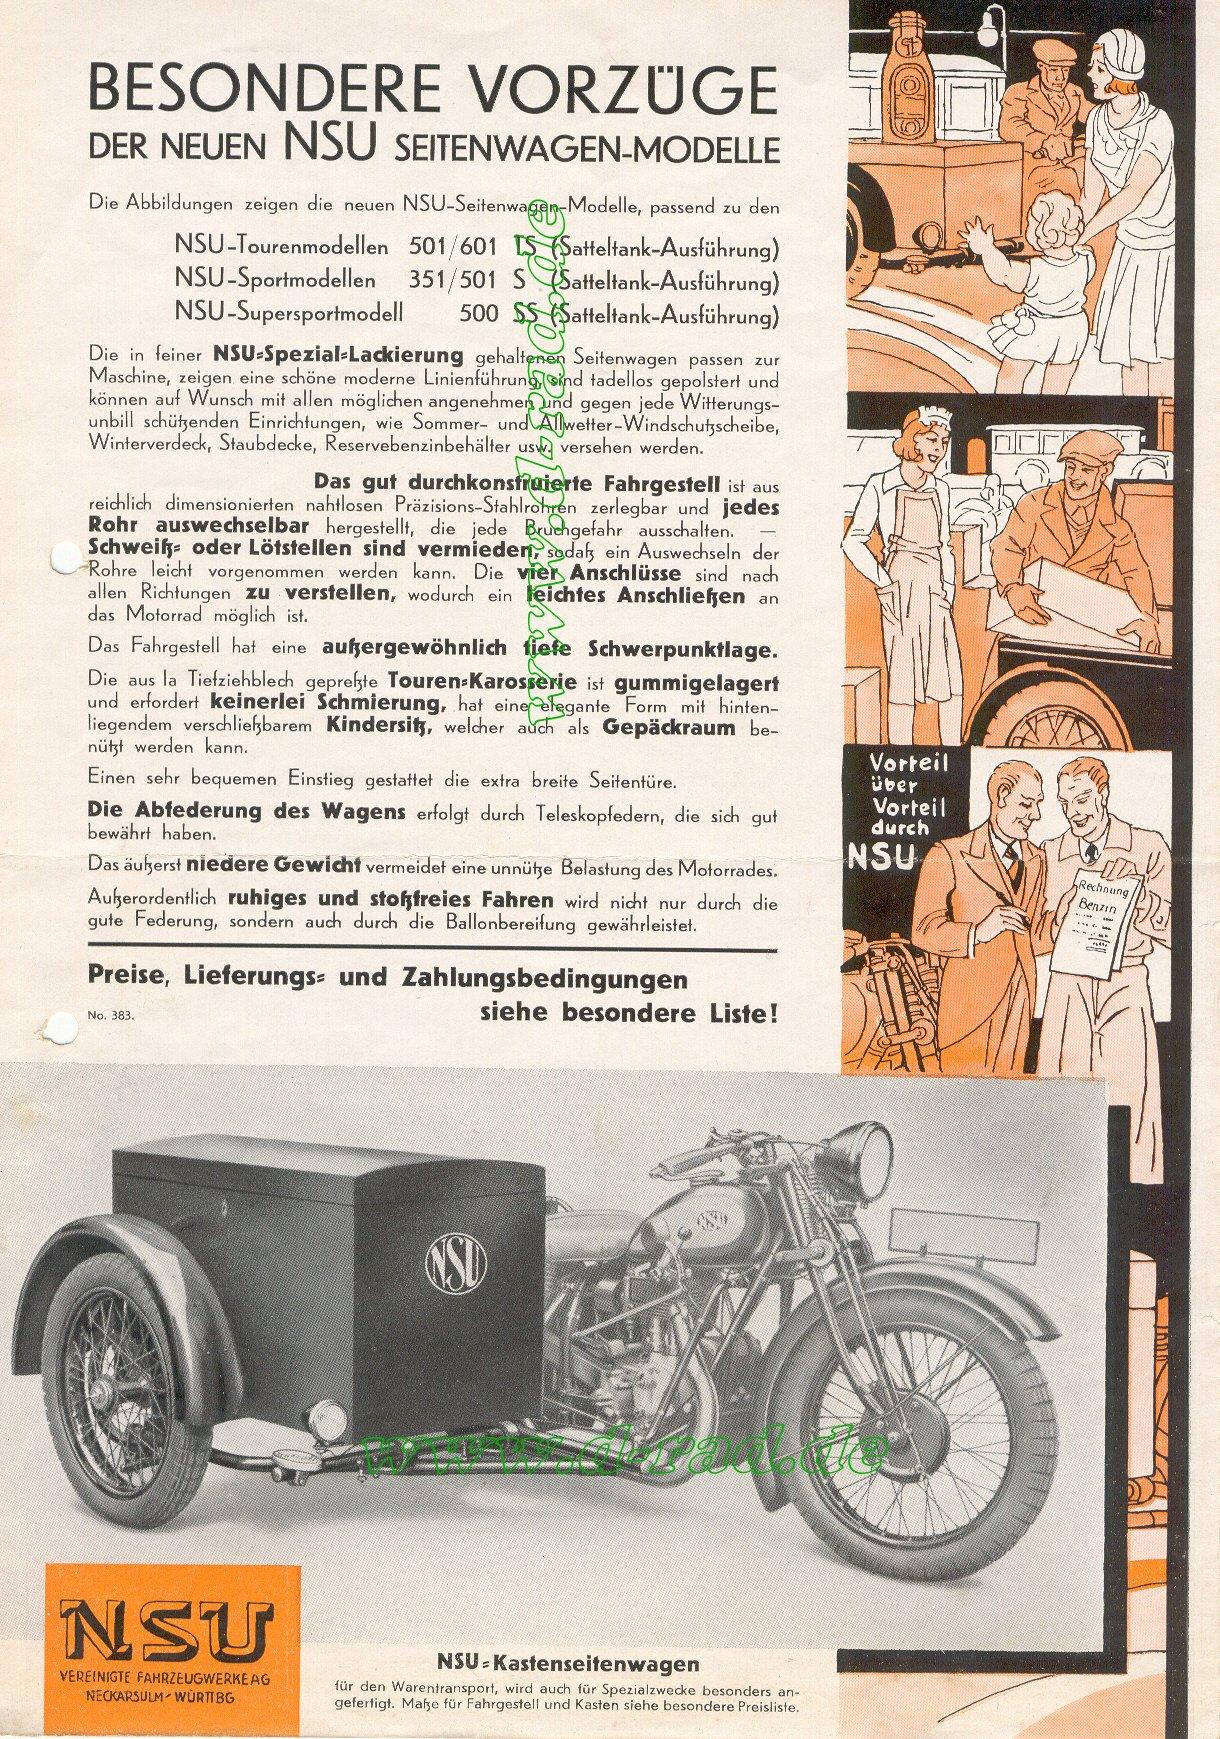 nsu-seitenwagen-2-de.jpg